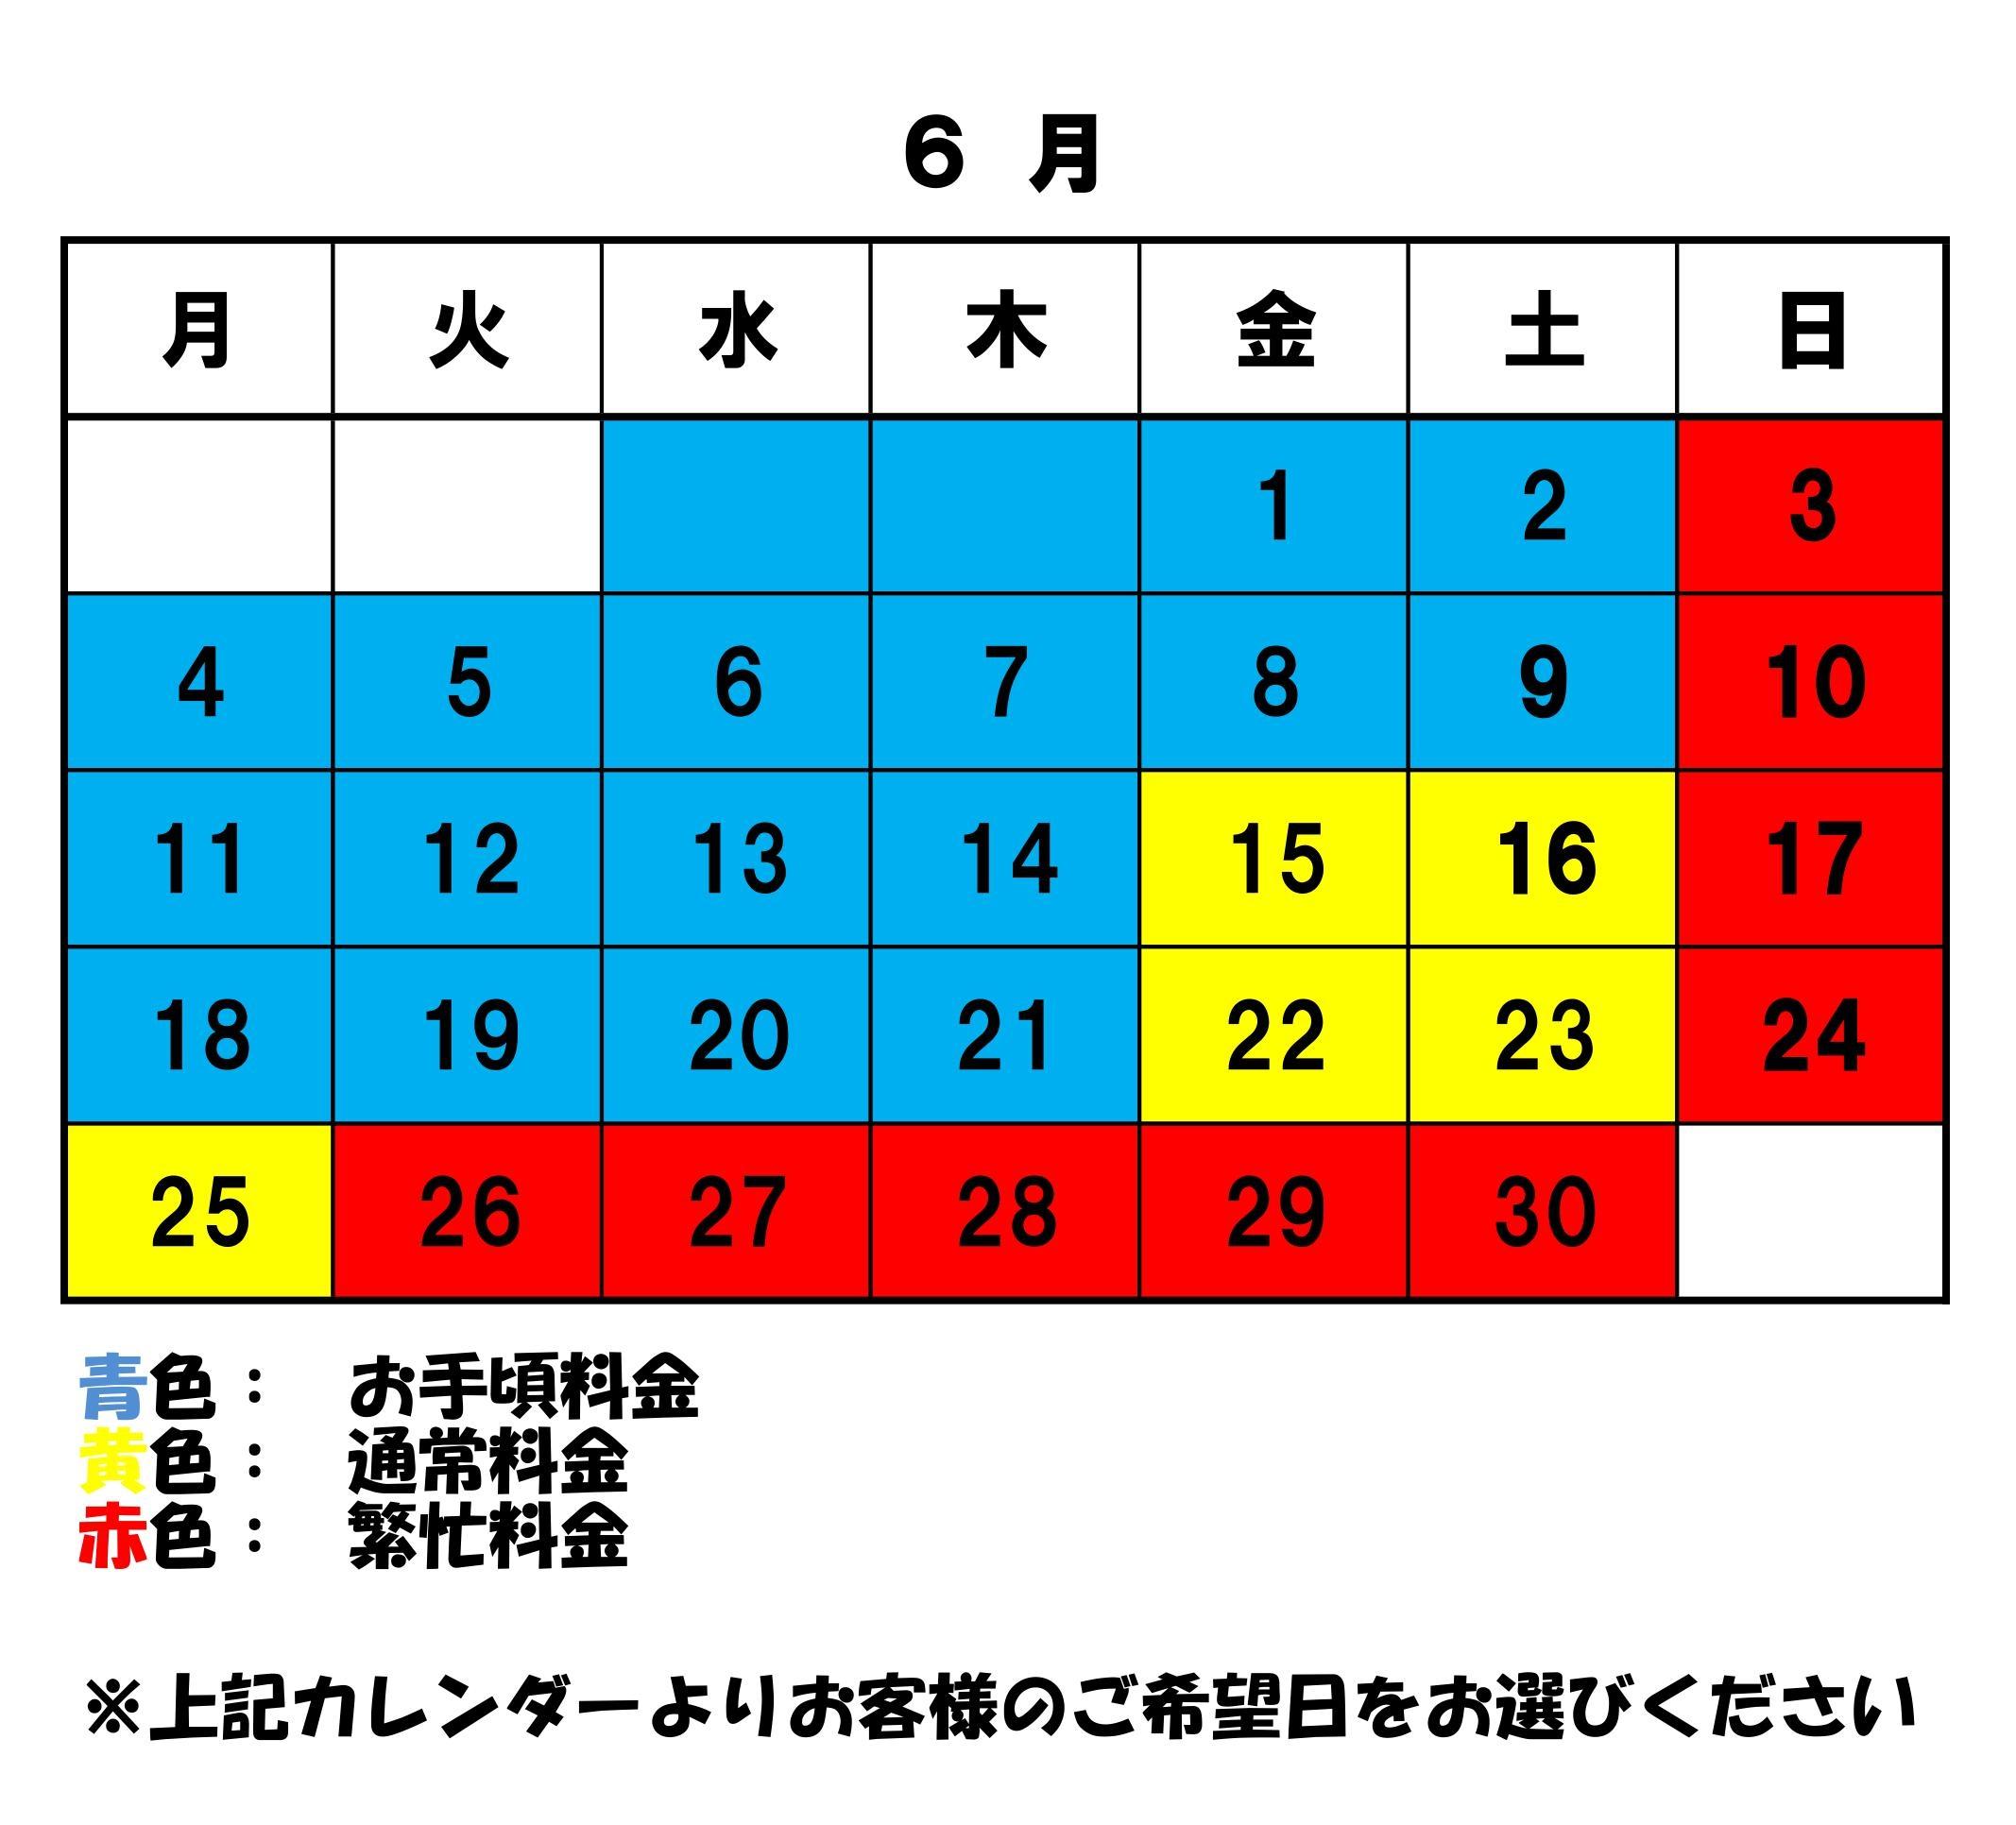 http://www.ikedapiano.co.jp/0001%20%288%29.jpg